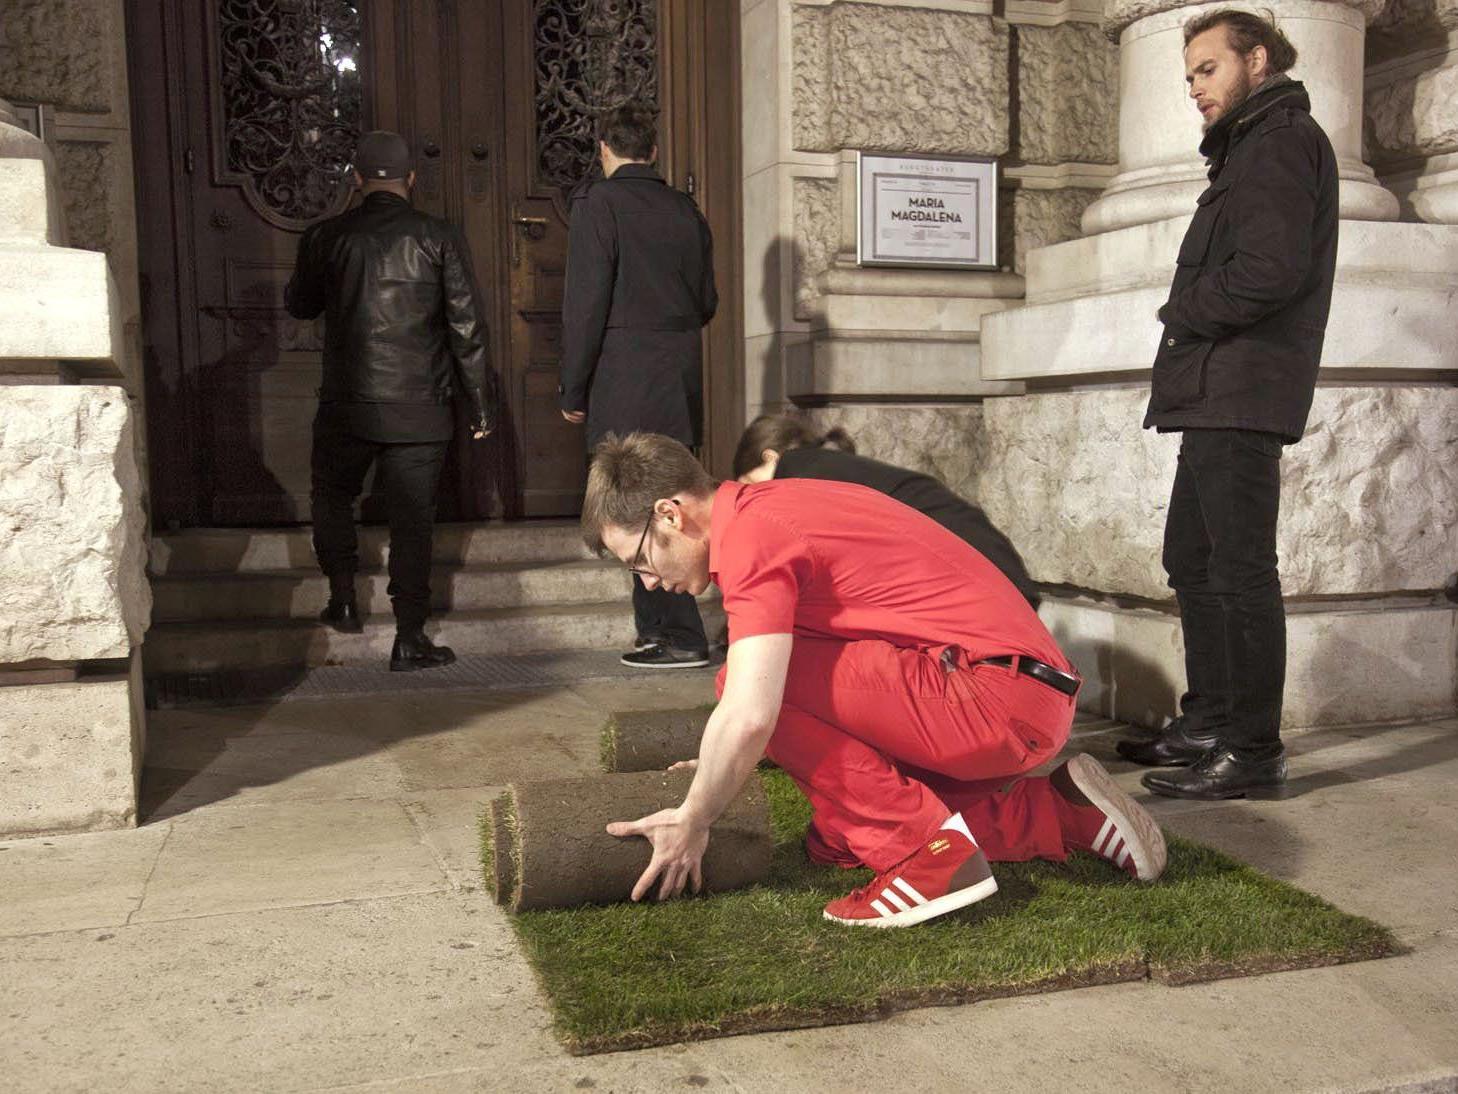 Künstler legte Kunstrasen vor dem Eingang aus